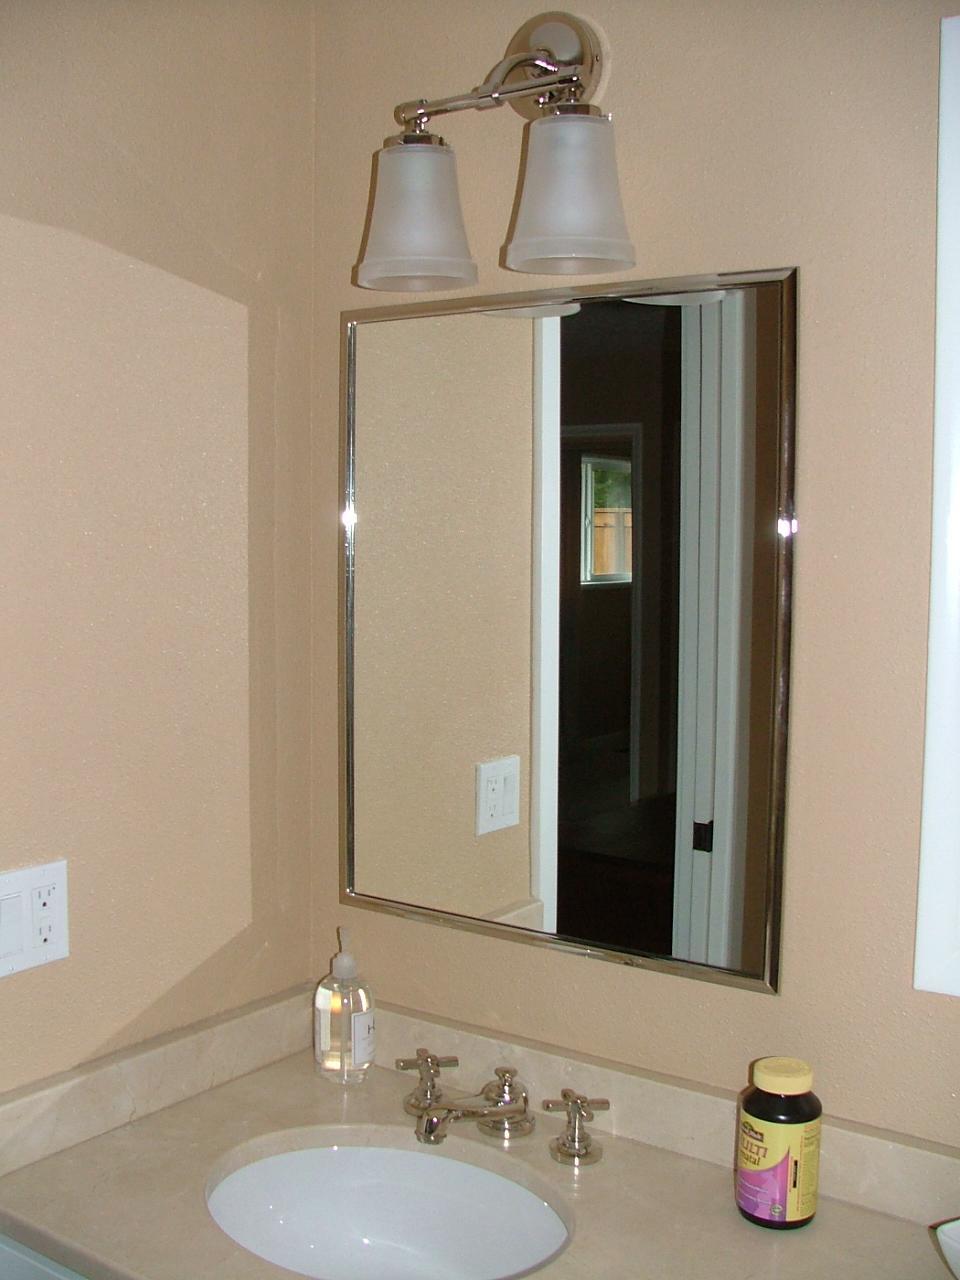 2 bathroom remodel - master bathroom-dscf0081.jpg